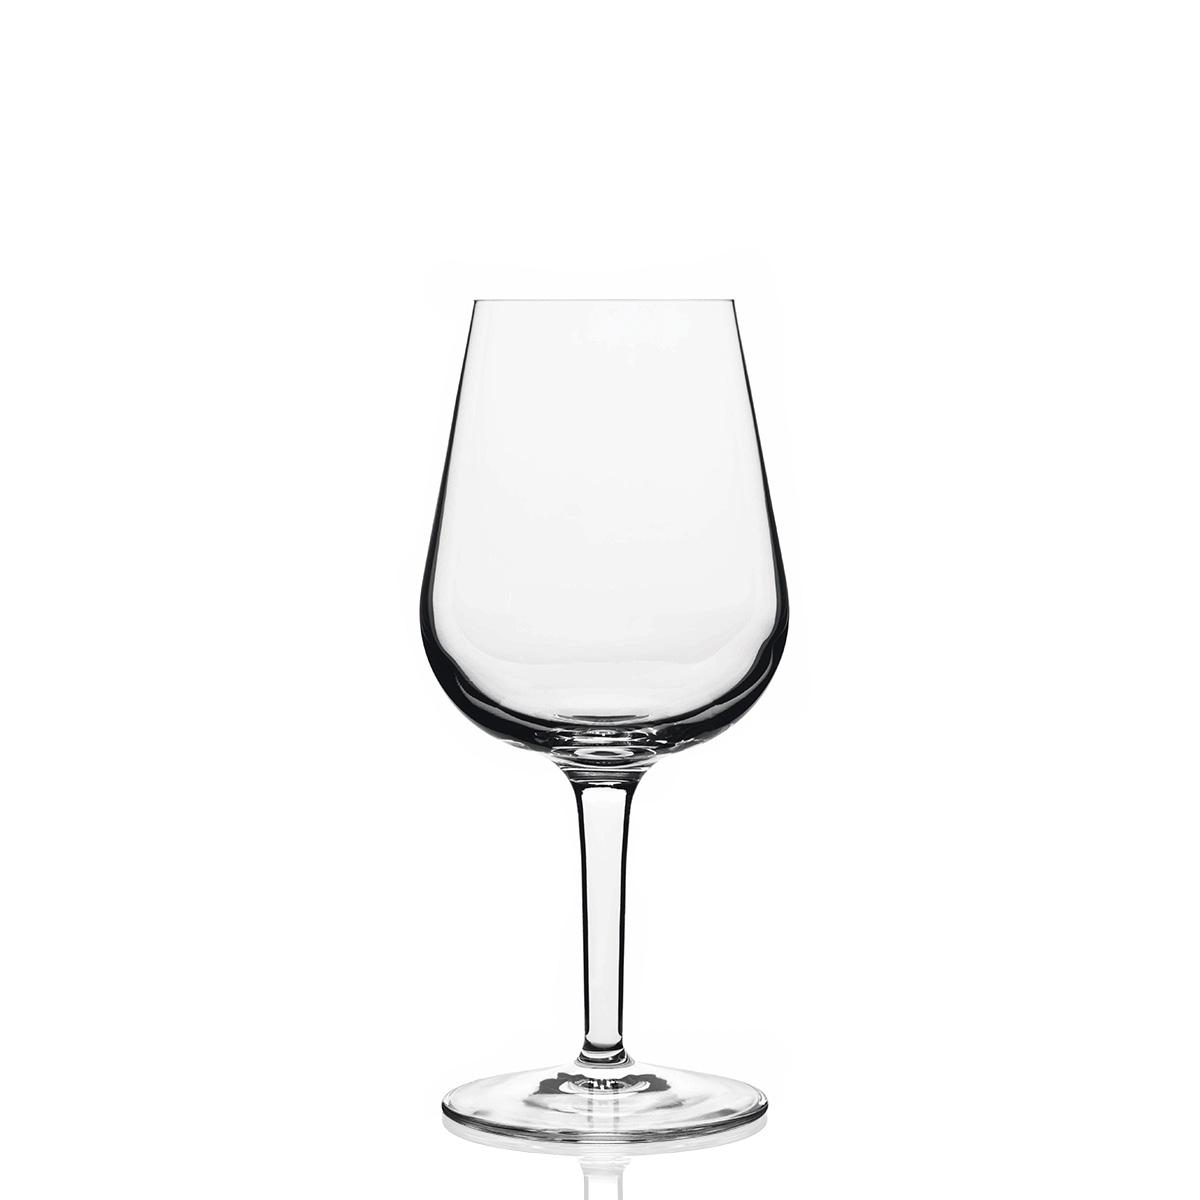 Billede af Luigi Bormioli hvidvinsglas - Eden - 6 stk.